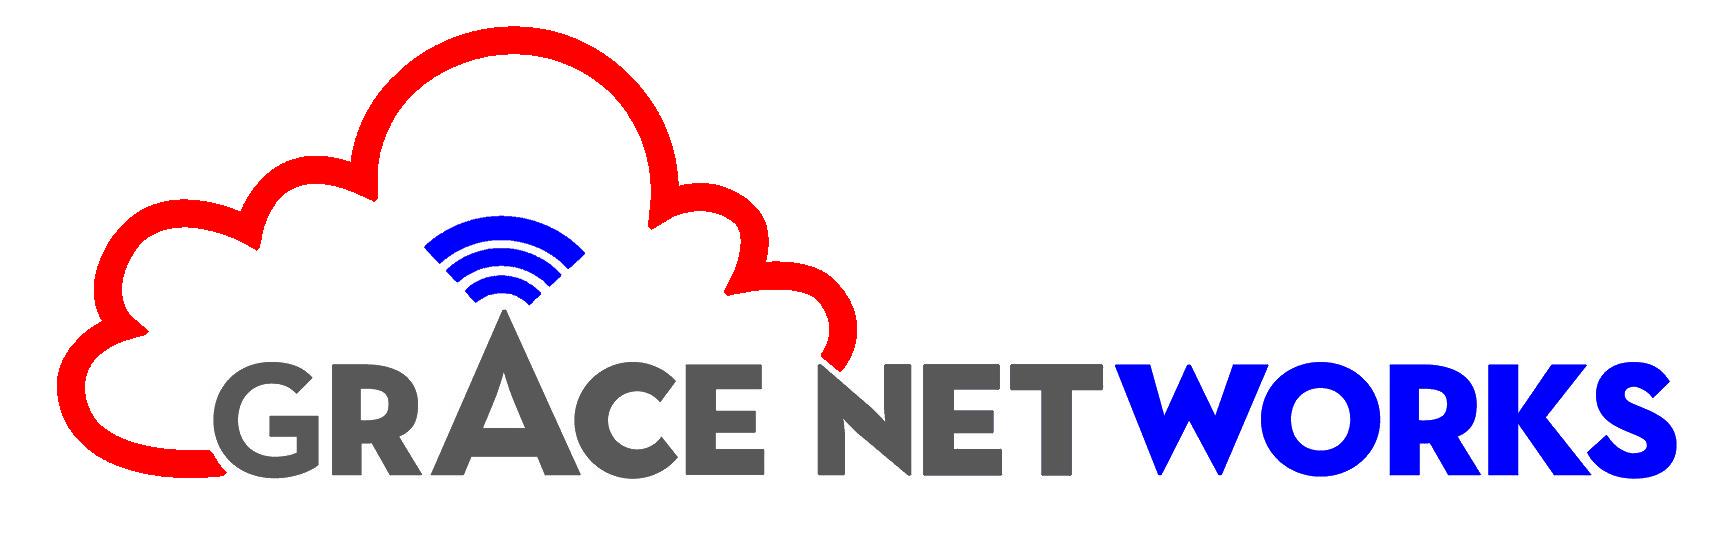 Gracenet Works logo new V1 April 2021